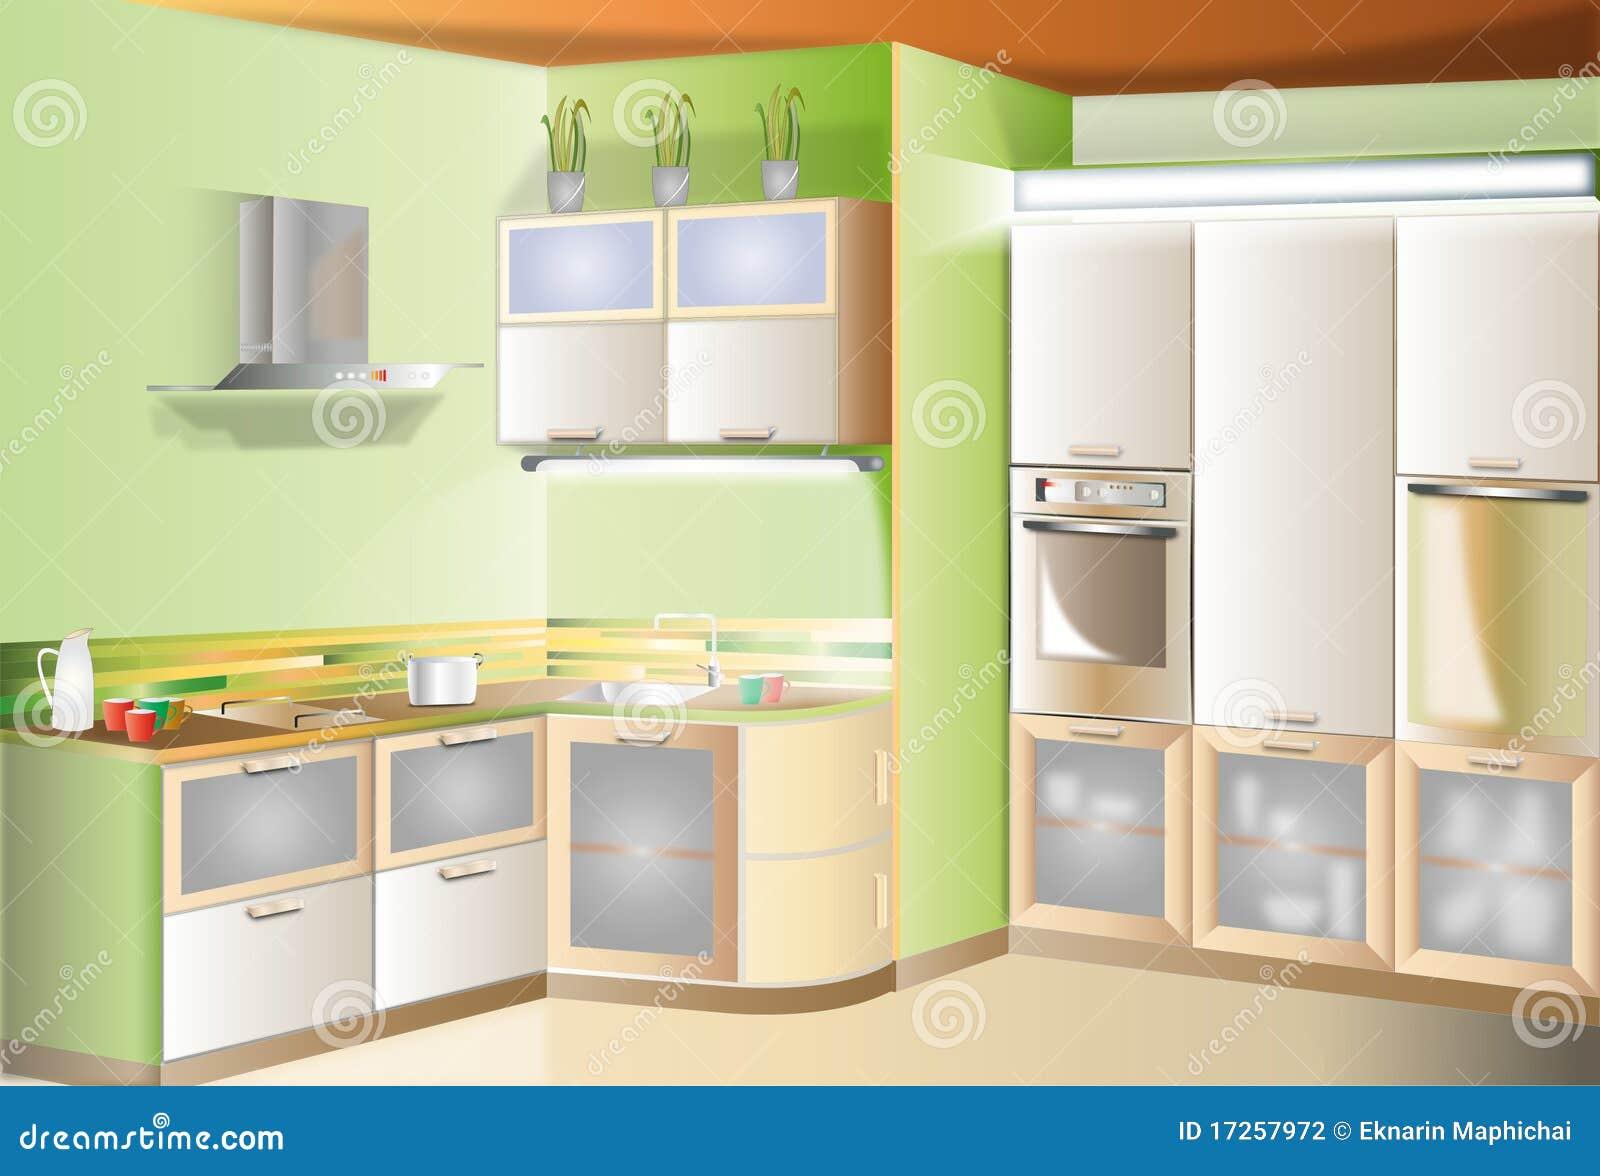 Moderne keuken klein beste inspiratie voor huis ontwerp - Keuken klein ontwerp ruimte ...